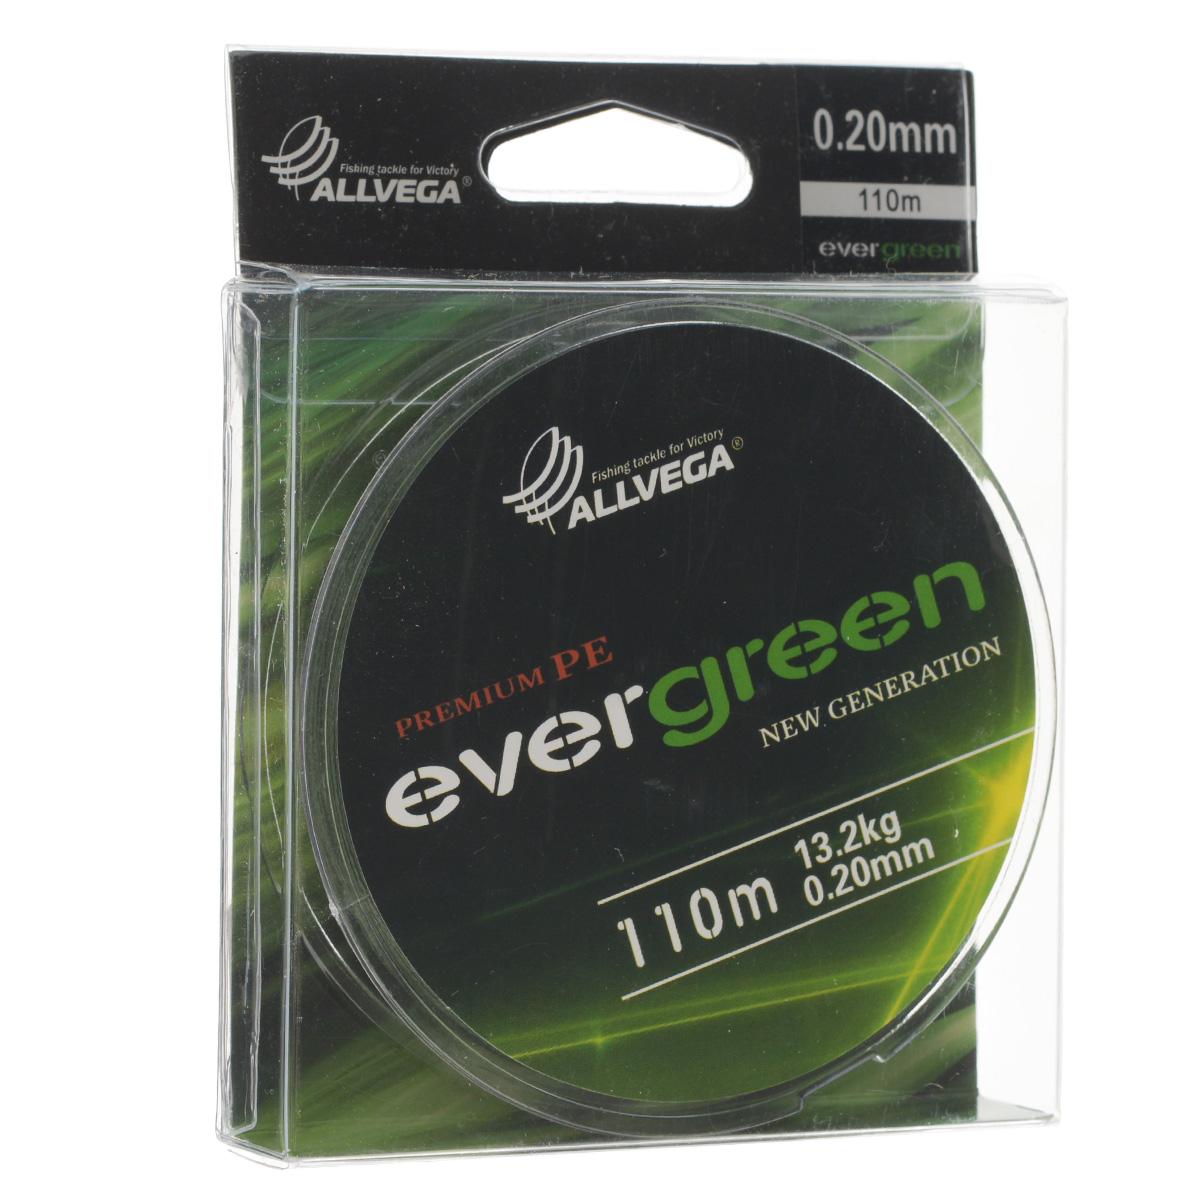 Леска плетеная Allvega Evergreen, цвет: темно-зеленый, 110 м, 0,20 мм, 13,2 кг46923Плетеная леска Allvega Evergreen очень прочная и способна выдержать сильные нагрузки. Благодаря высококачественному сырью леска Allvega Allvega Evergreen максимально устойчива к любым погодным условиям и особенностям каждого водоема. При традиционных методах производства плетеные шнуры со временем теряют свой цвет (покрытие), а вместе с ним и часть своих полезных физических свойств. Революционно новый подход в технологии изготовления лесок Allvega Evergreen позволяет забыть о проблеме потери цвета в процессе использования шнура. Он всегда будет зеленым - он просто не может быть другим!